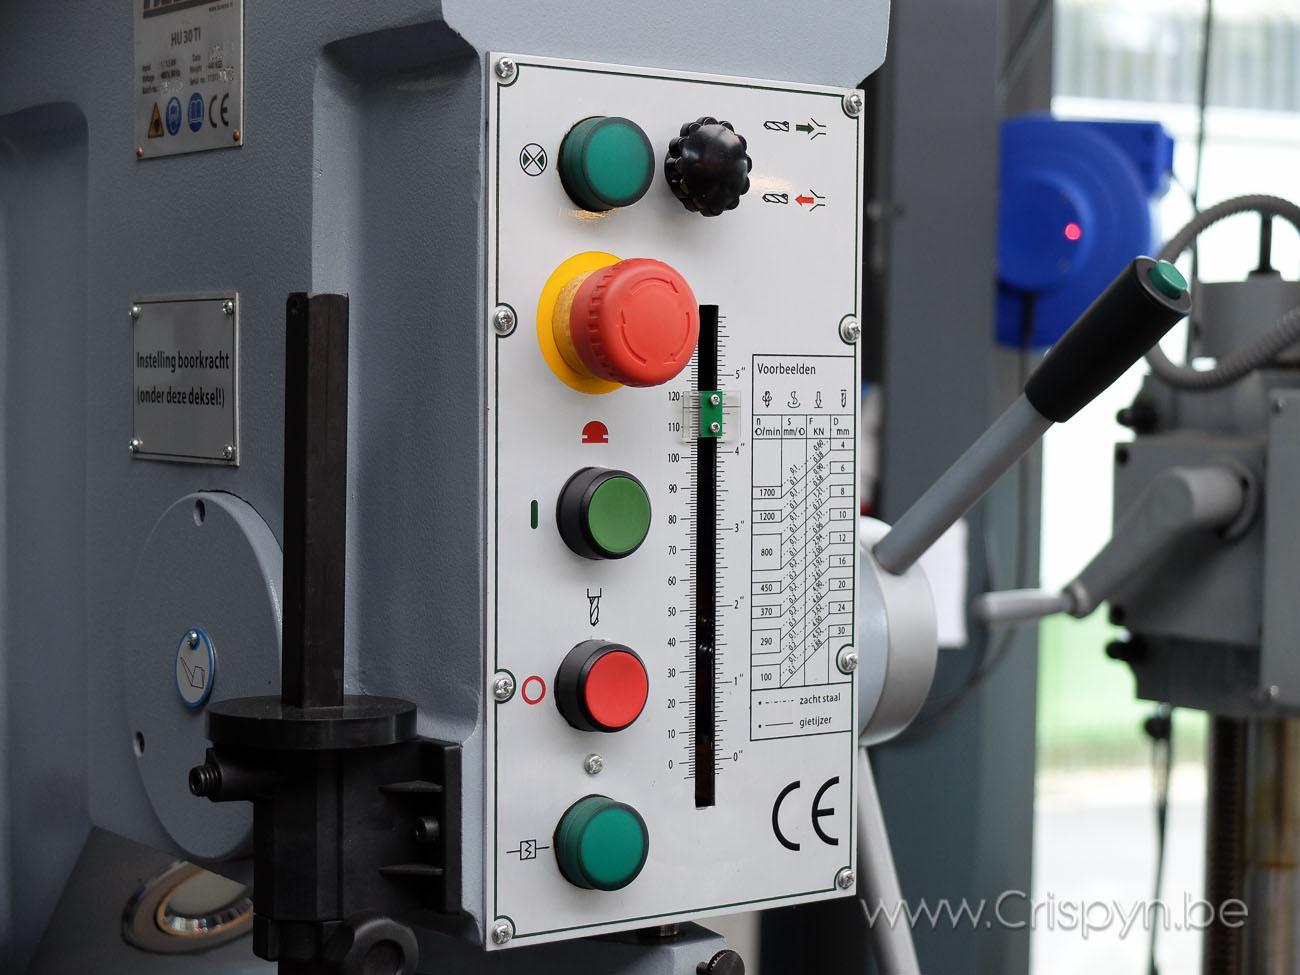 Tandwielboormachine,Boren tot 30mm, kolom model, 1,5kW, MK3, 3x400V